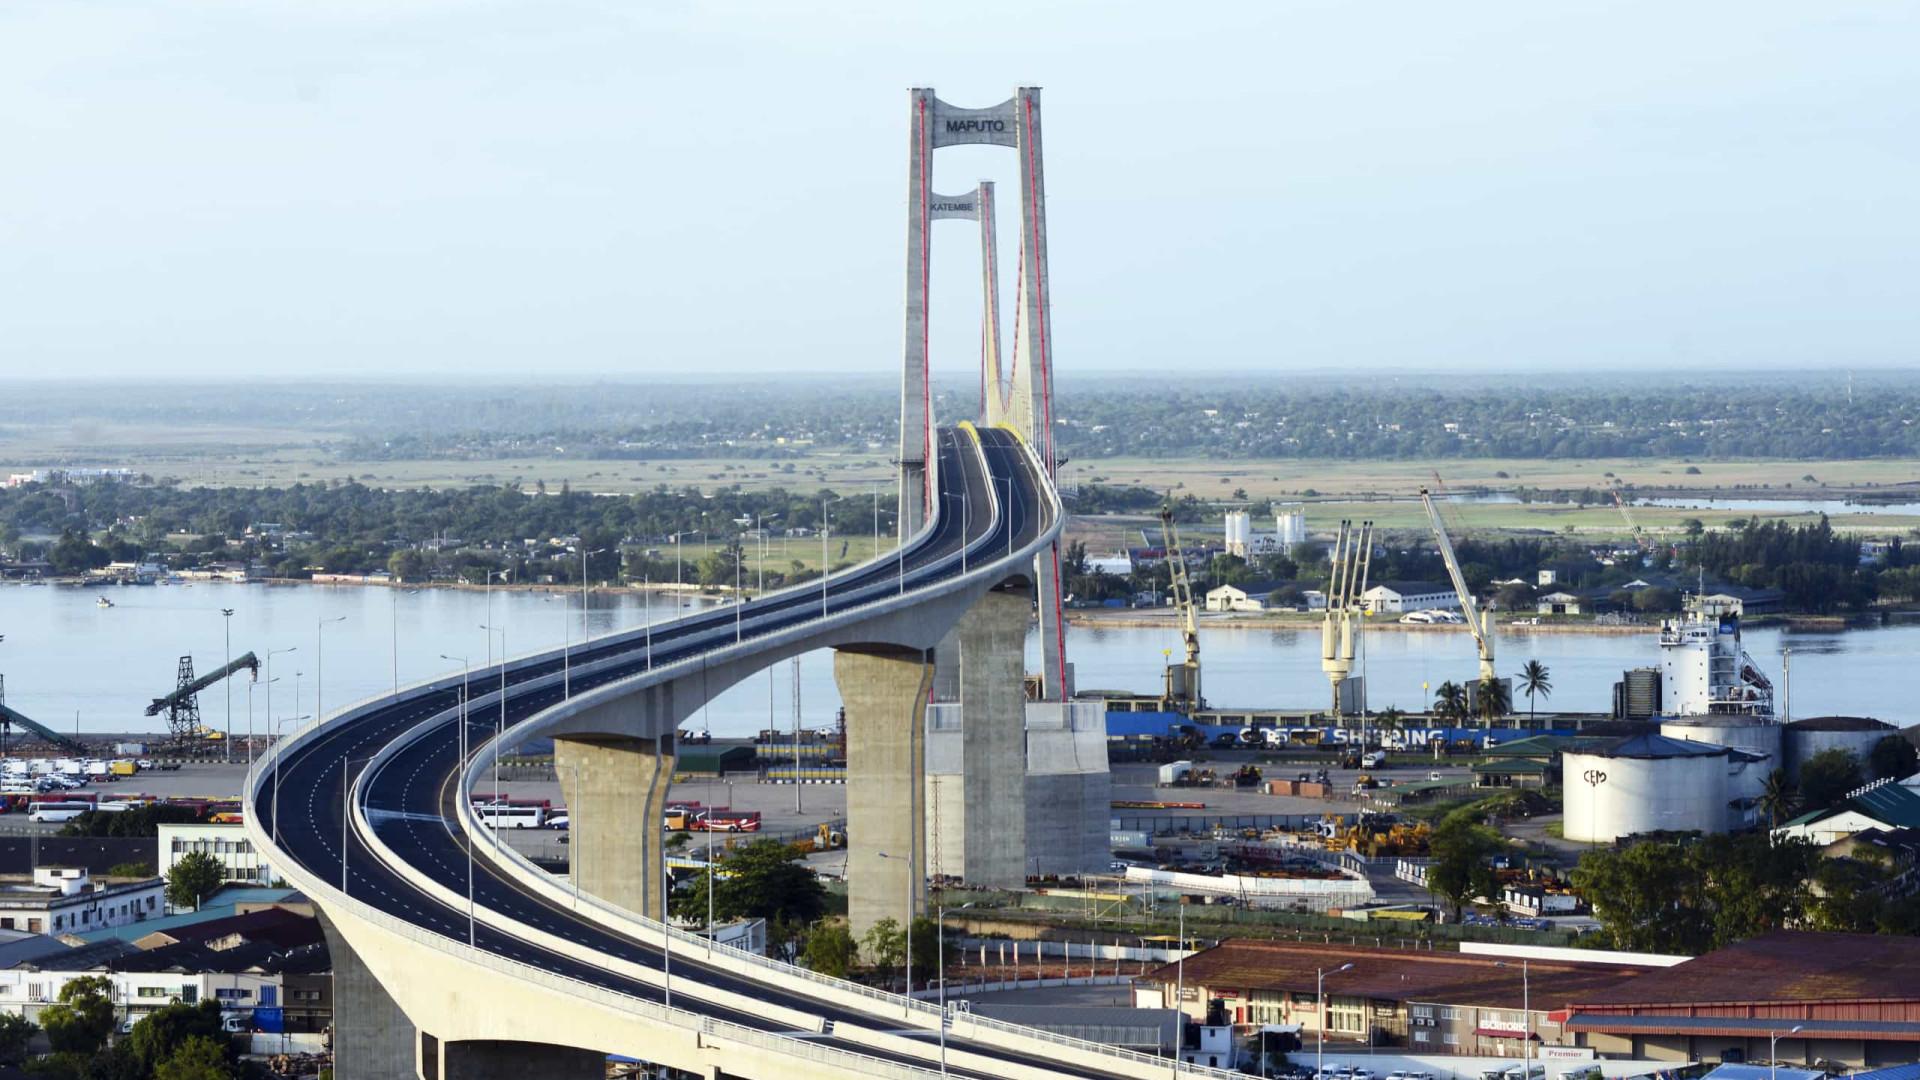 Terrorismo, dívida e paz são os principais desafios de Moçambique